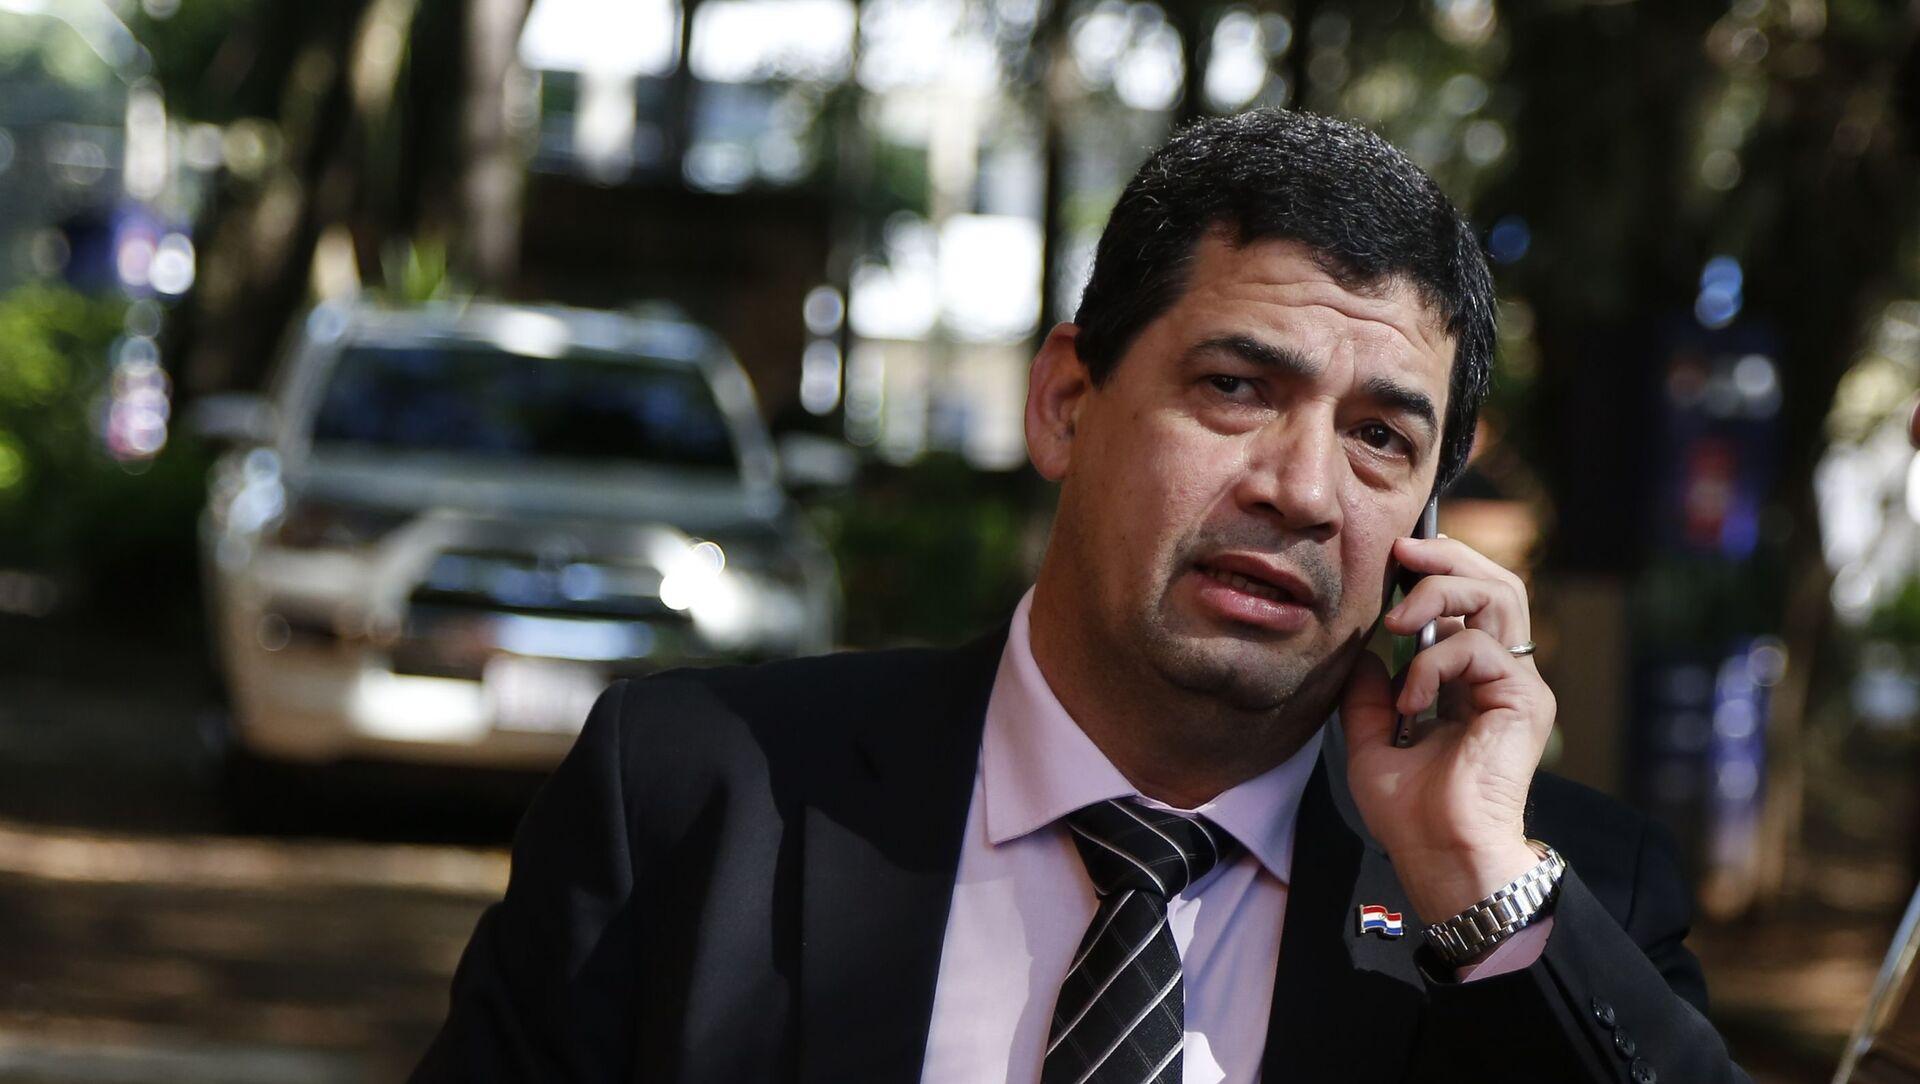 El vicepresidente de Paraguay prevé declarar ante fiscalía por acuerdo sobre Itaipú - 12.08.2019, Sputnik Mundo